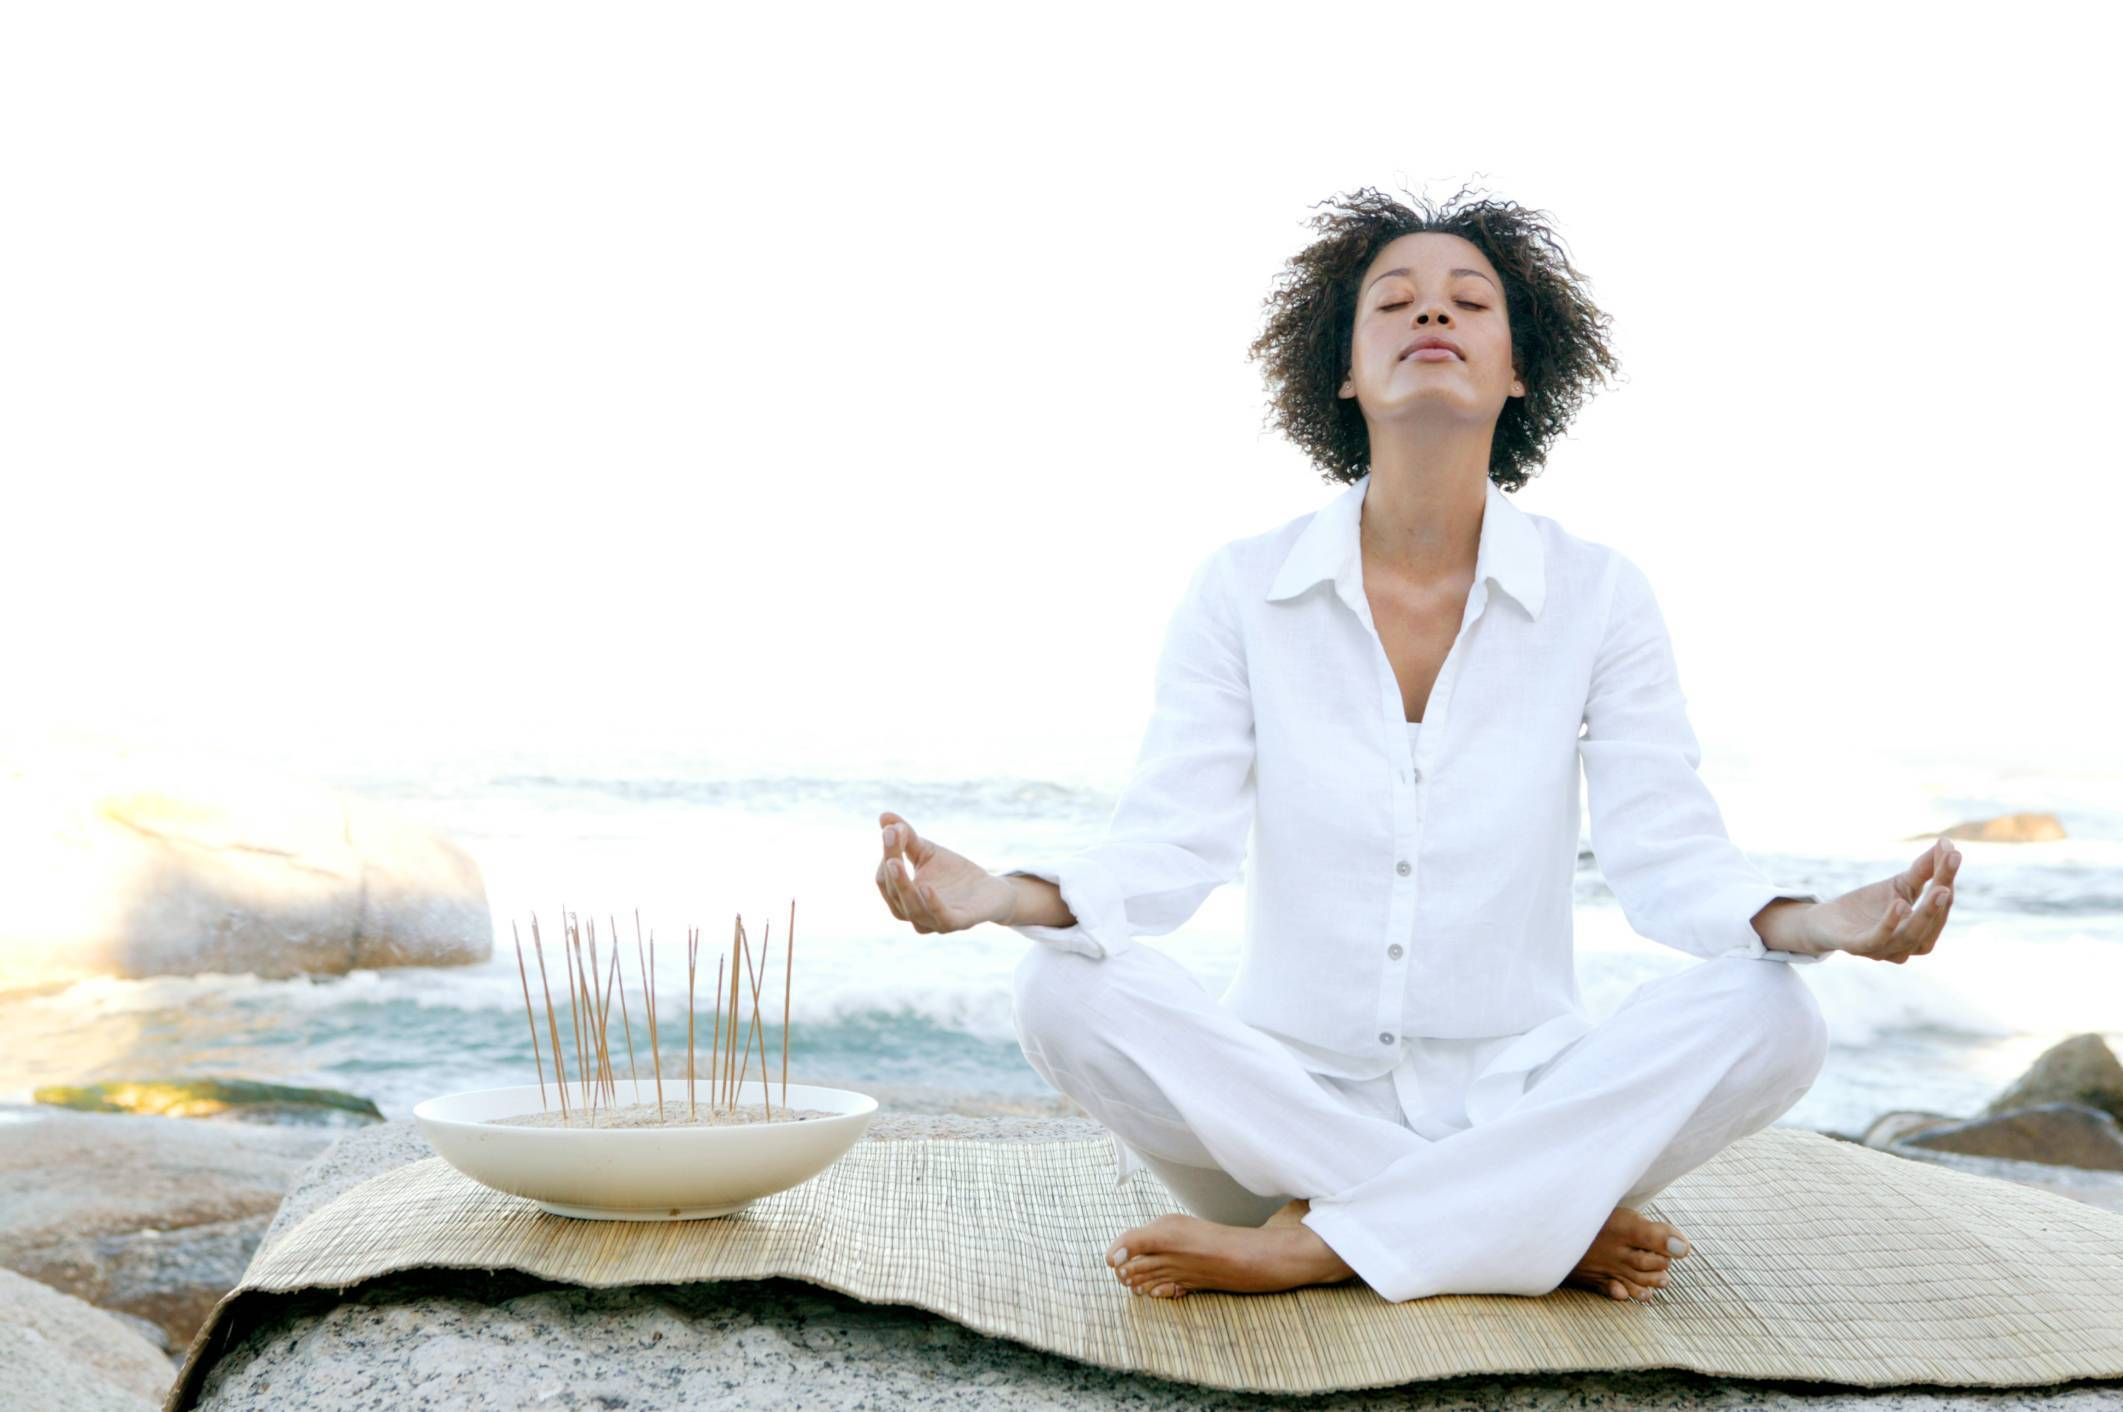 Медитация спокойствия, гармонии и внутренней уверенности